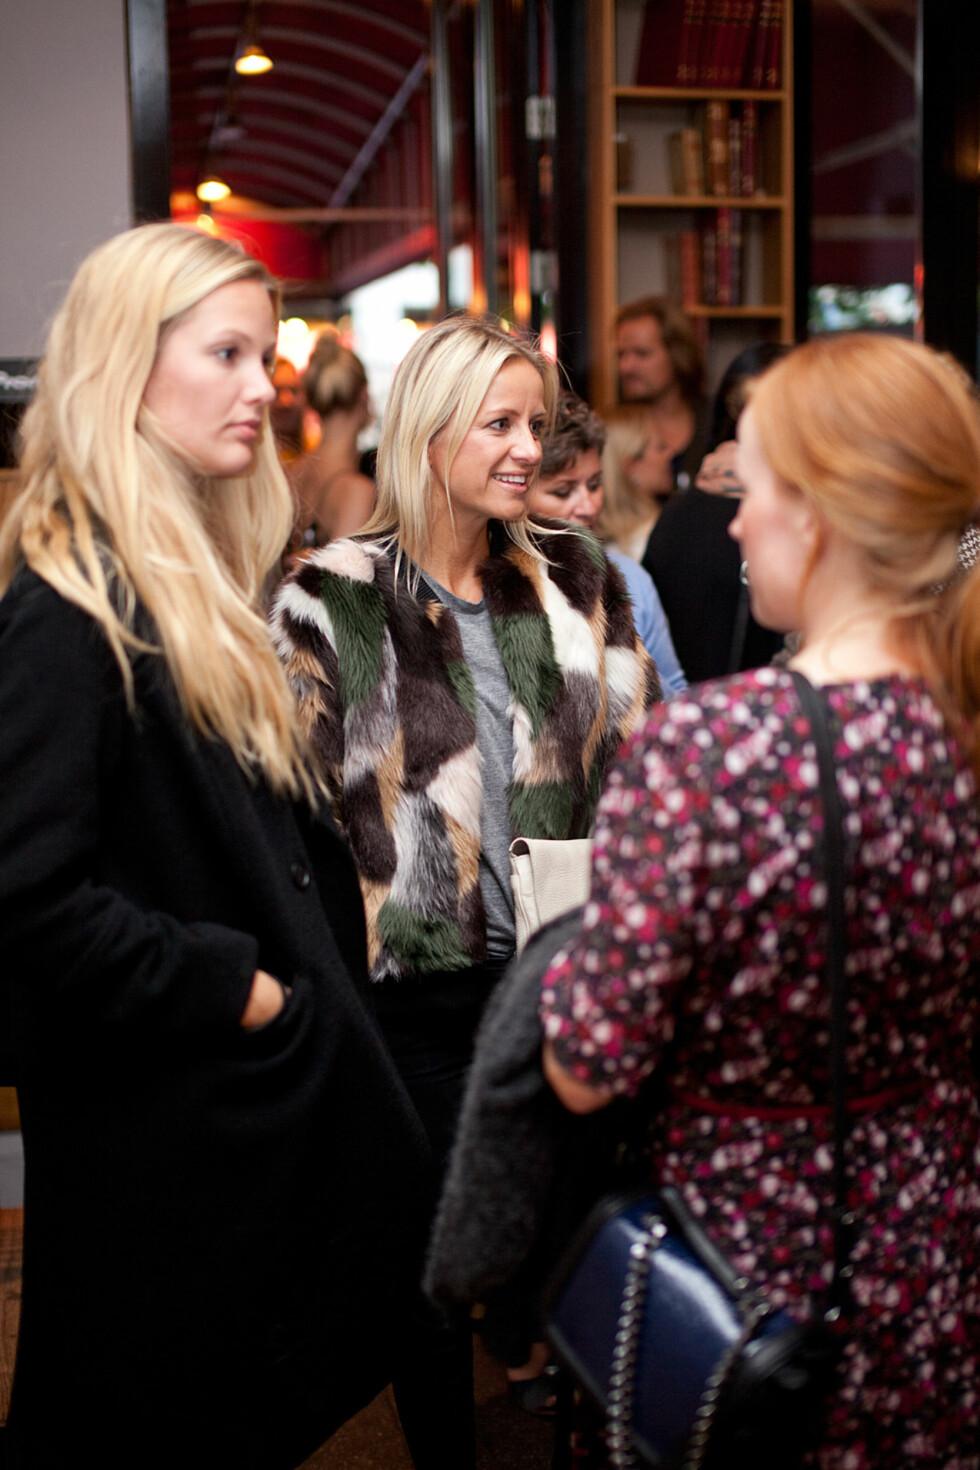 Se bildene fra STYLEmag-bloggernes shoppingfest!